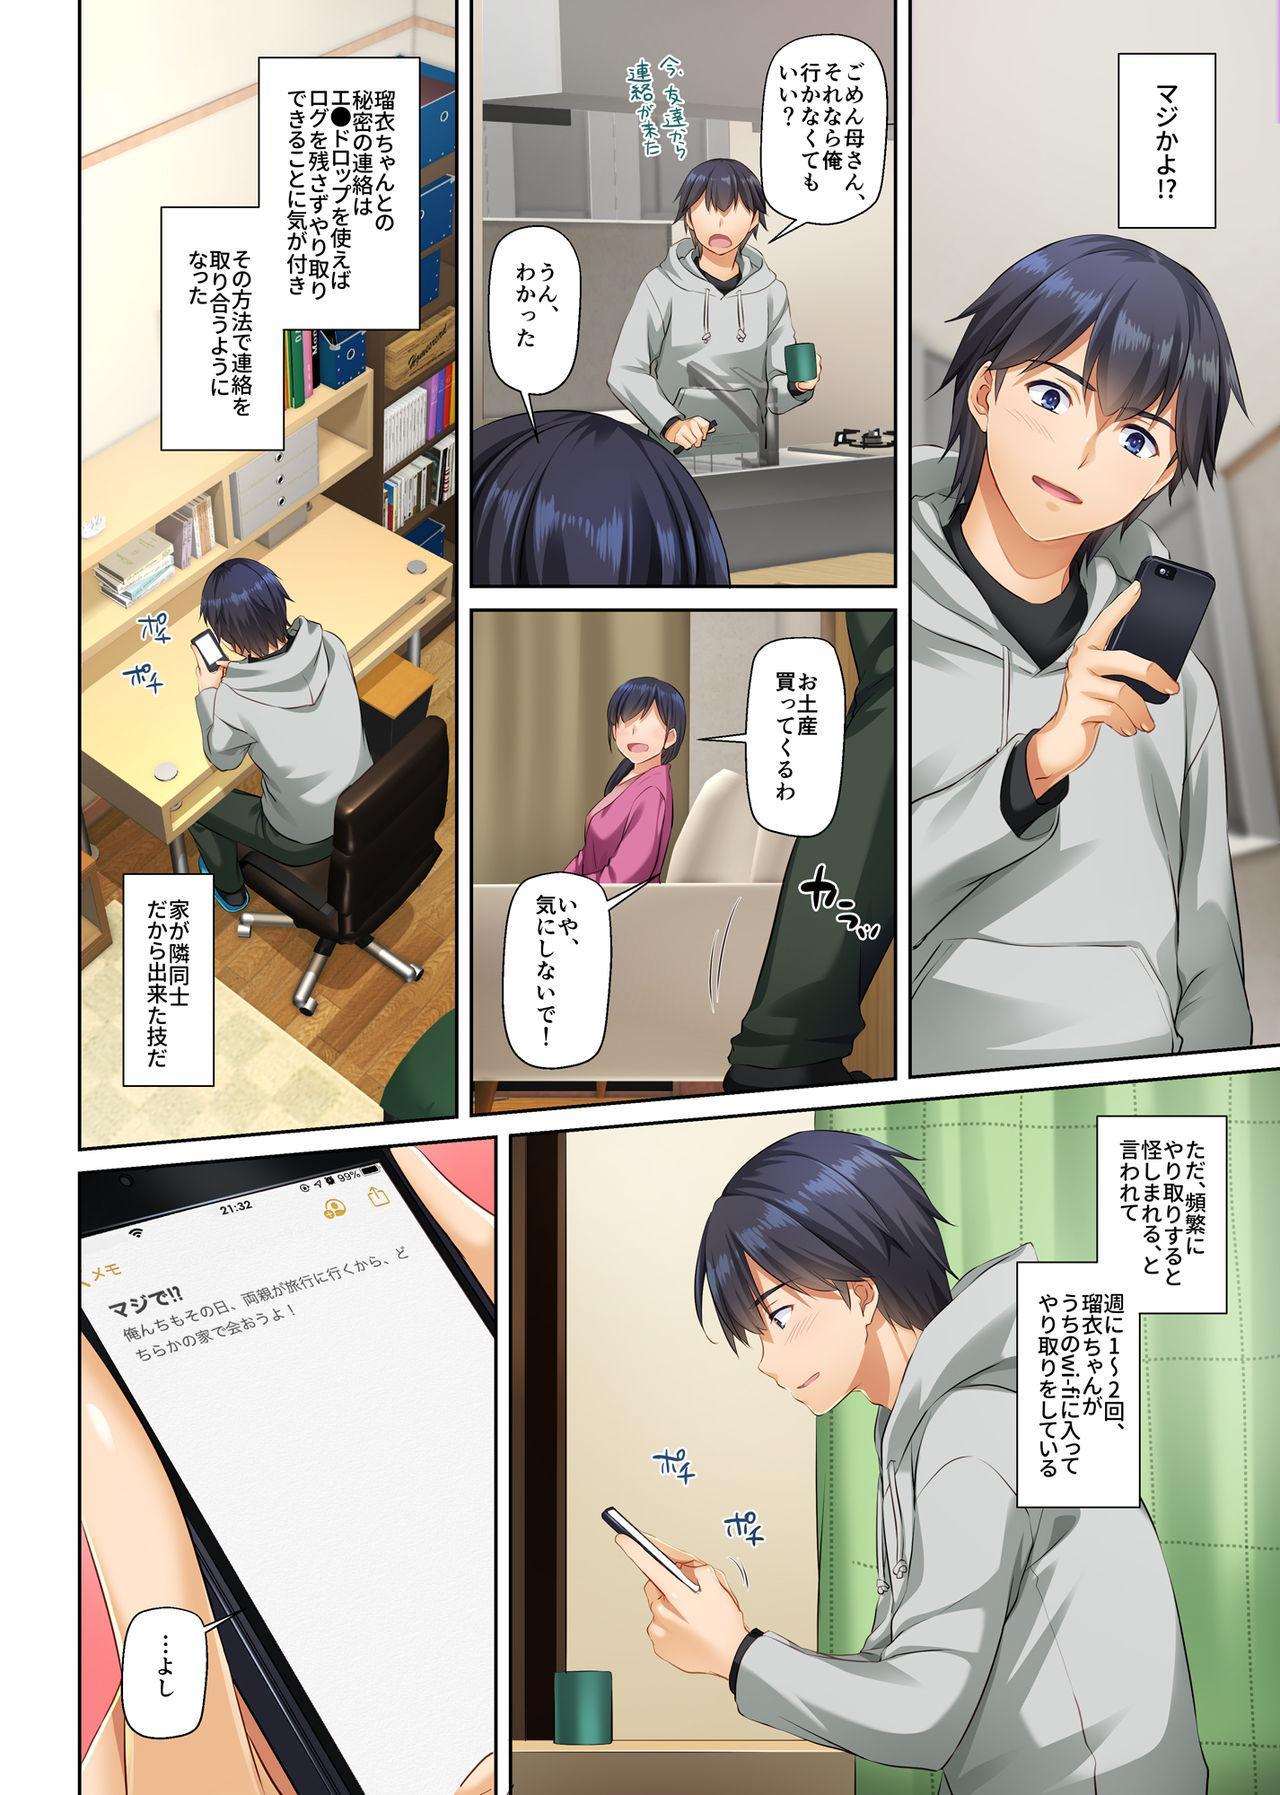 Hitozuma Osananajimi to Hitonatsu no Dekigoto 3 DLO-14 15